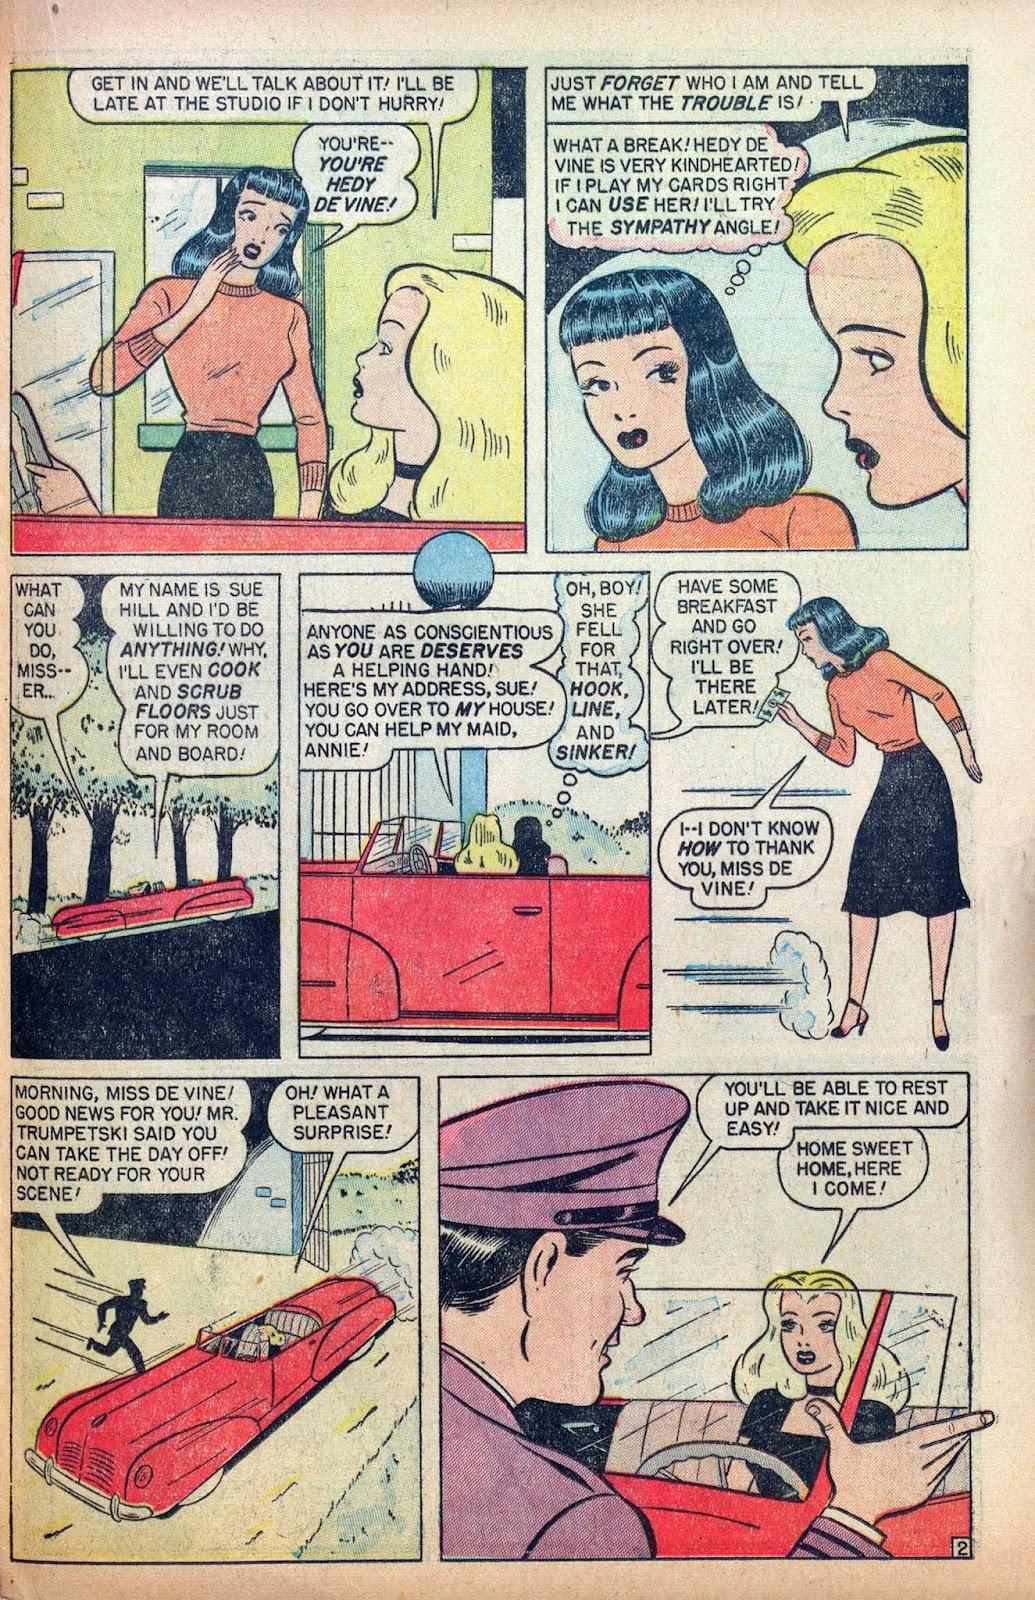 Hedy De Vine Comics issue 31 - Page 31